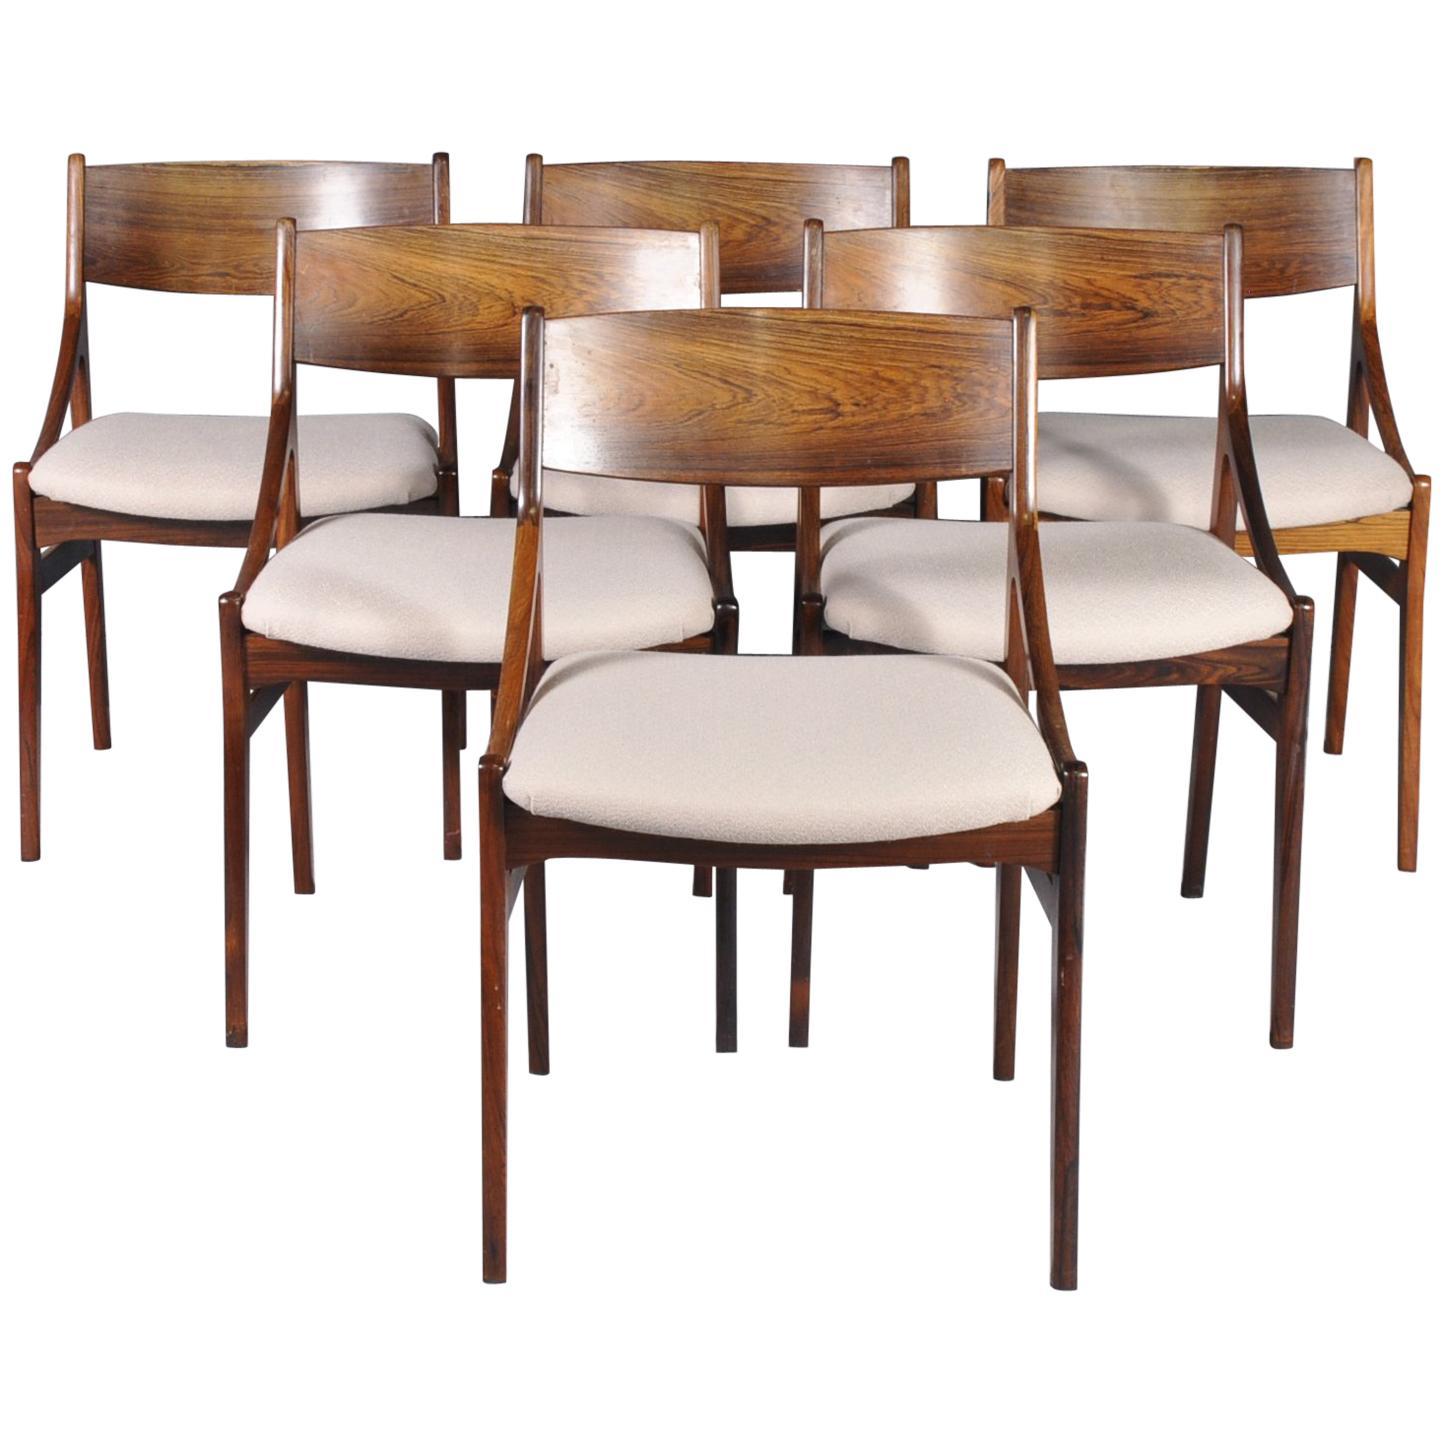 Vintage Rosewood Chairs By H. Vestervig Erikson For Brdr Tromborg Lystrup  Denmak For Sale